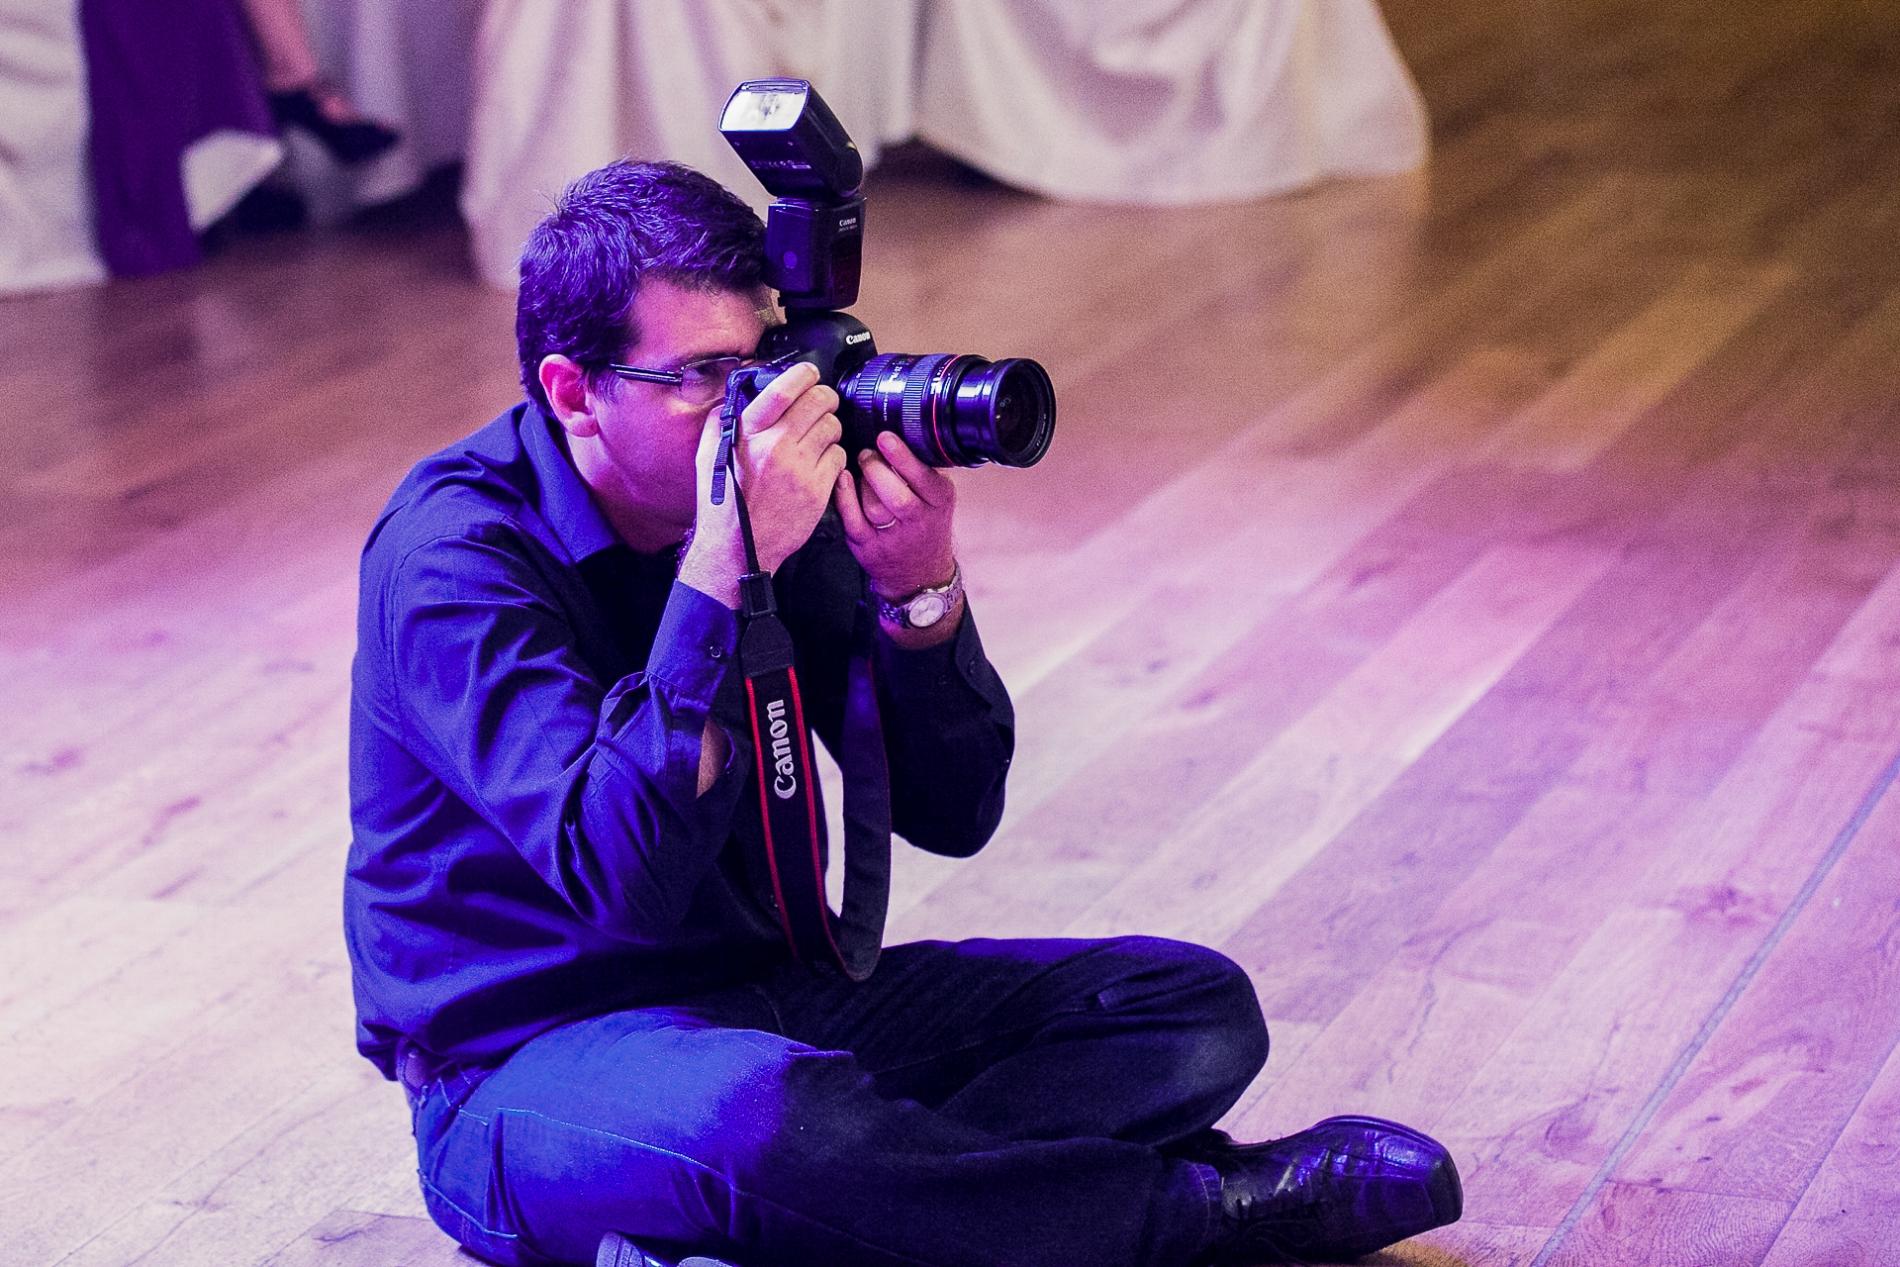 布加勒斯特婚礼摄影师Mihai Zaharia,罗马尼亚